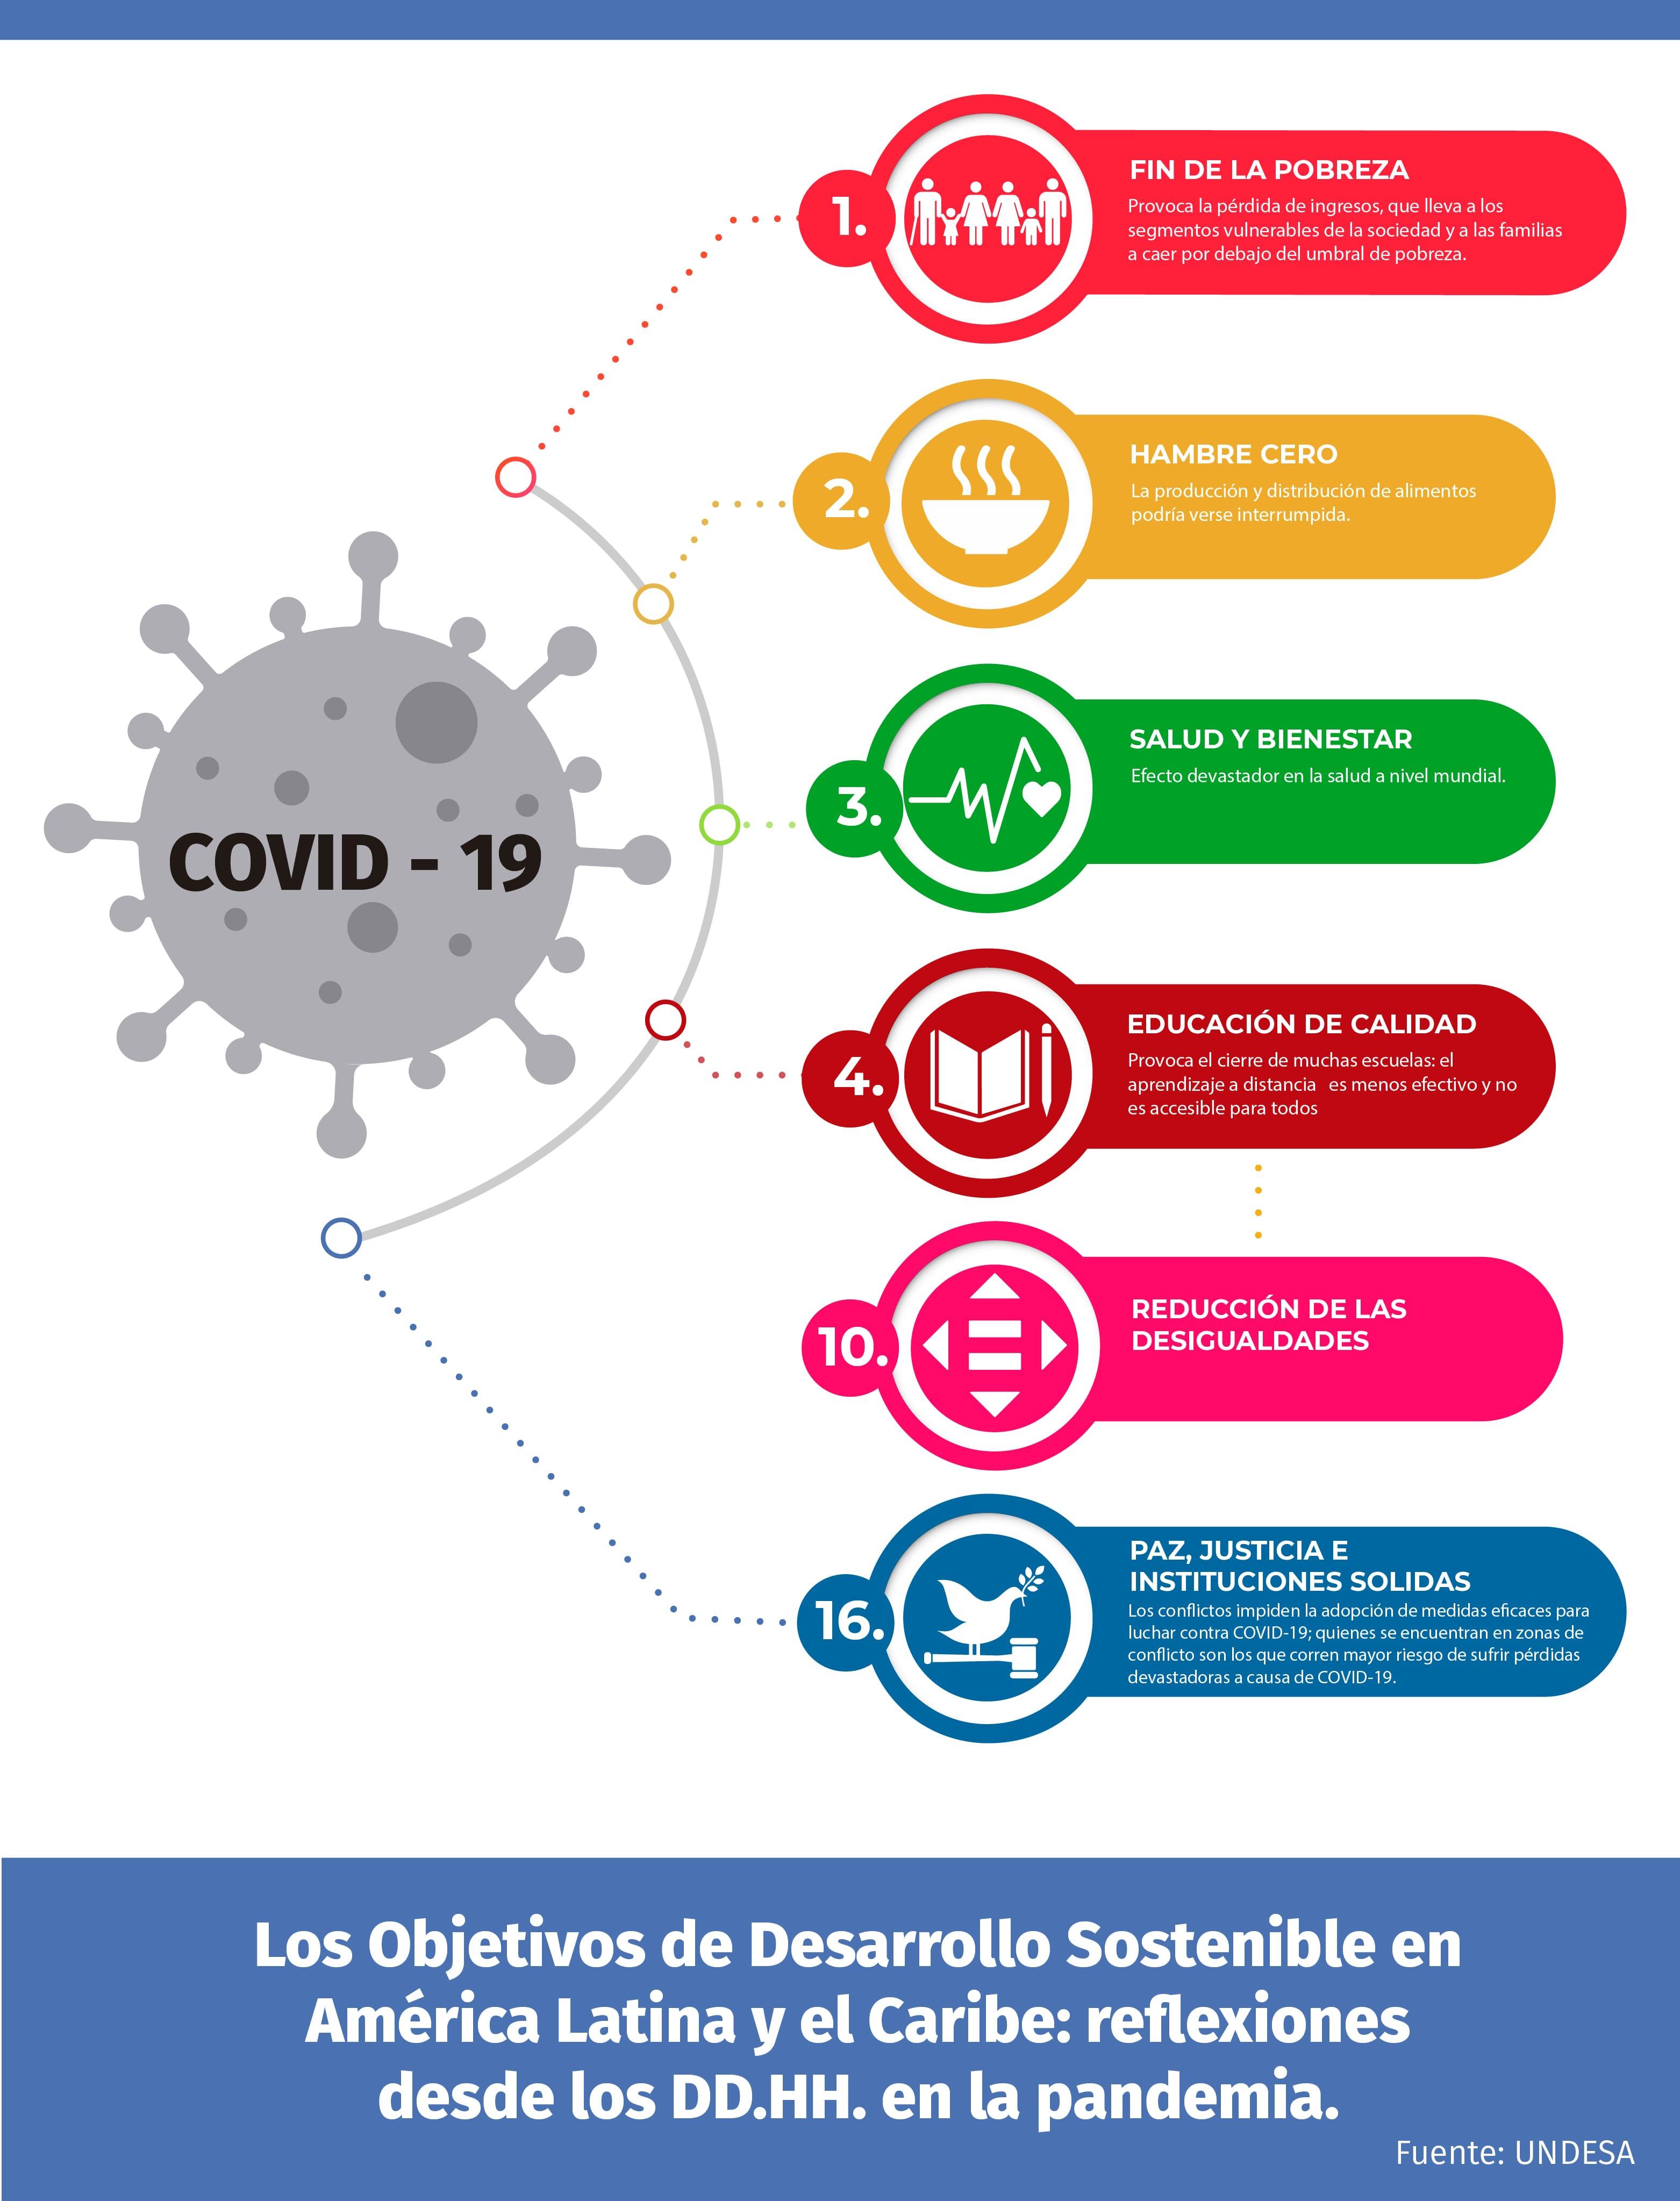 Objetivos Desarrollo Sostenibles en América Latina